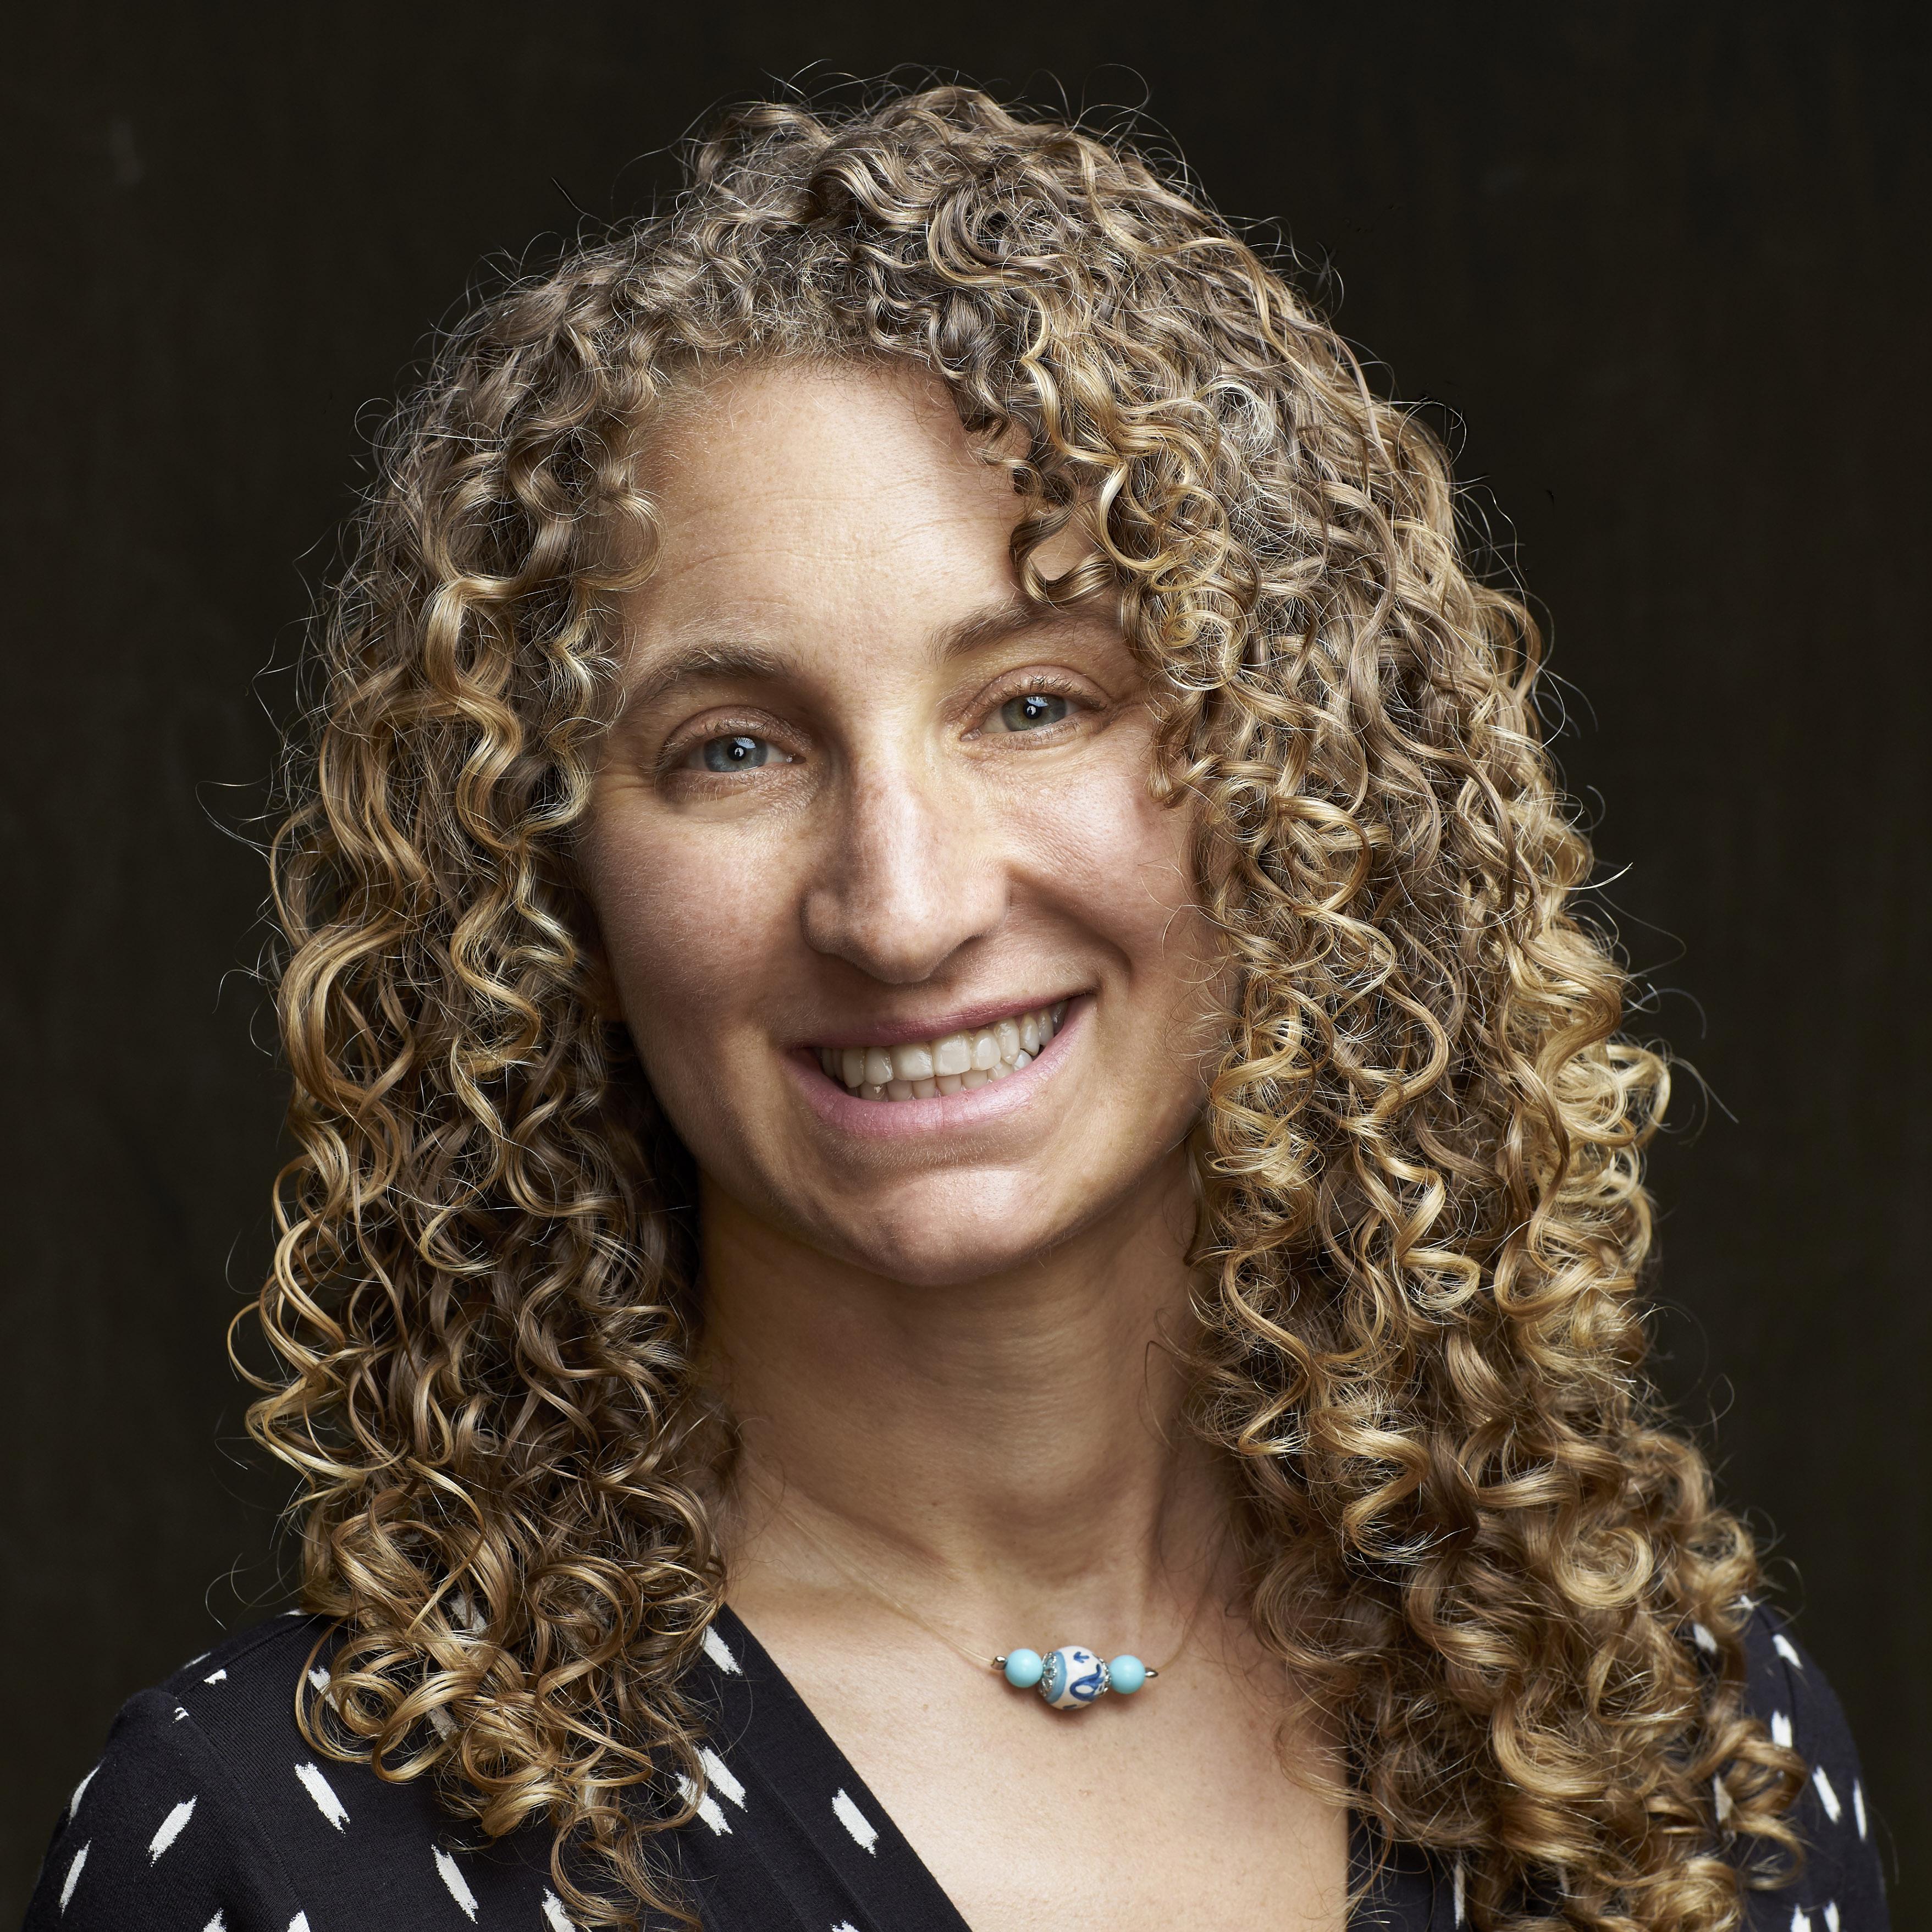 Stephanie Wapner